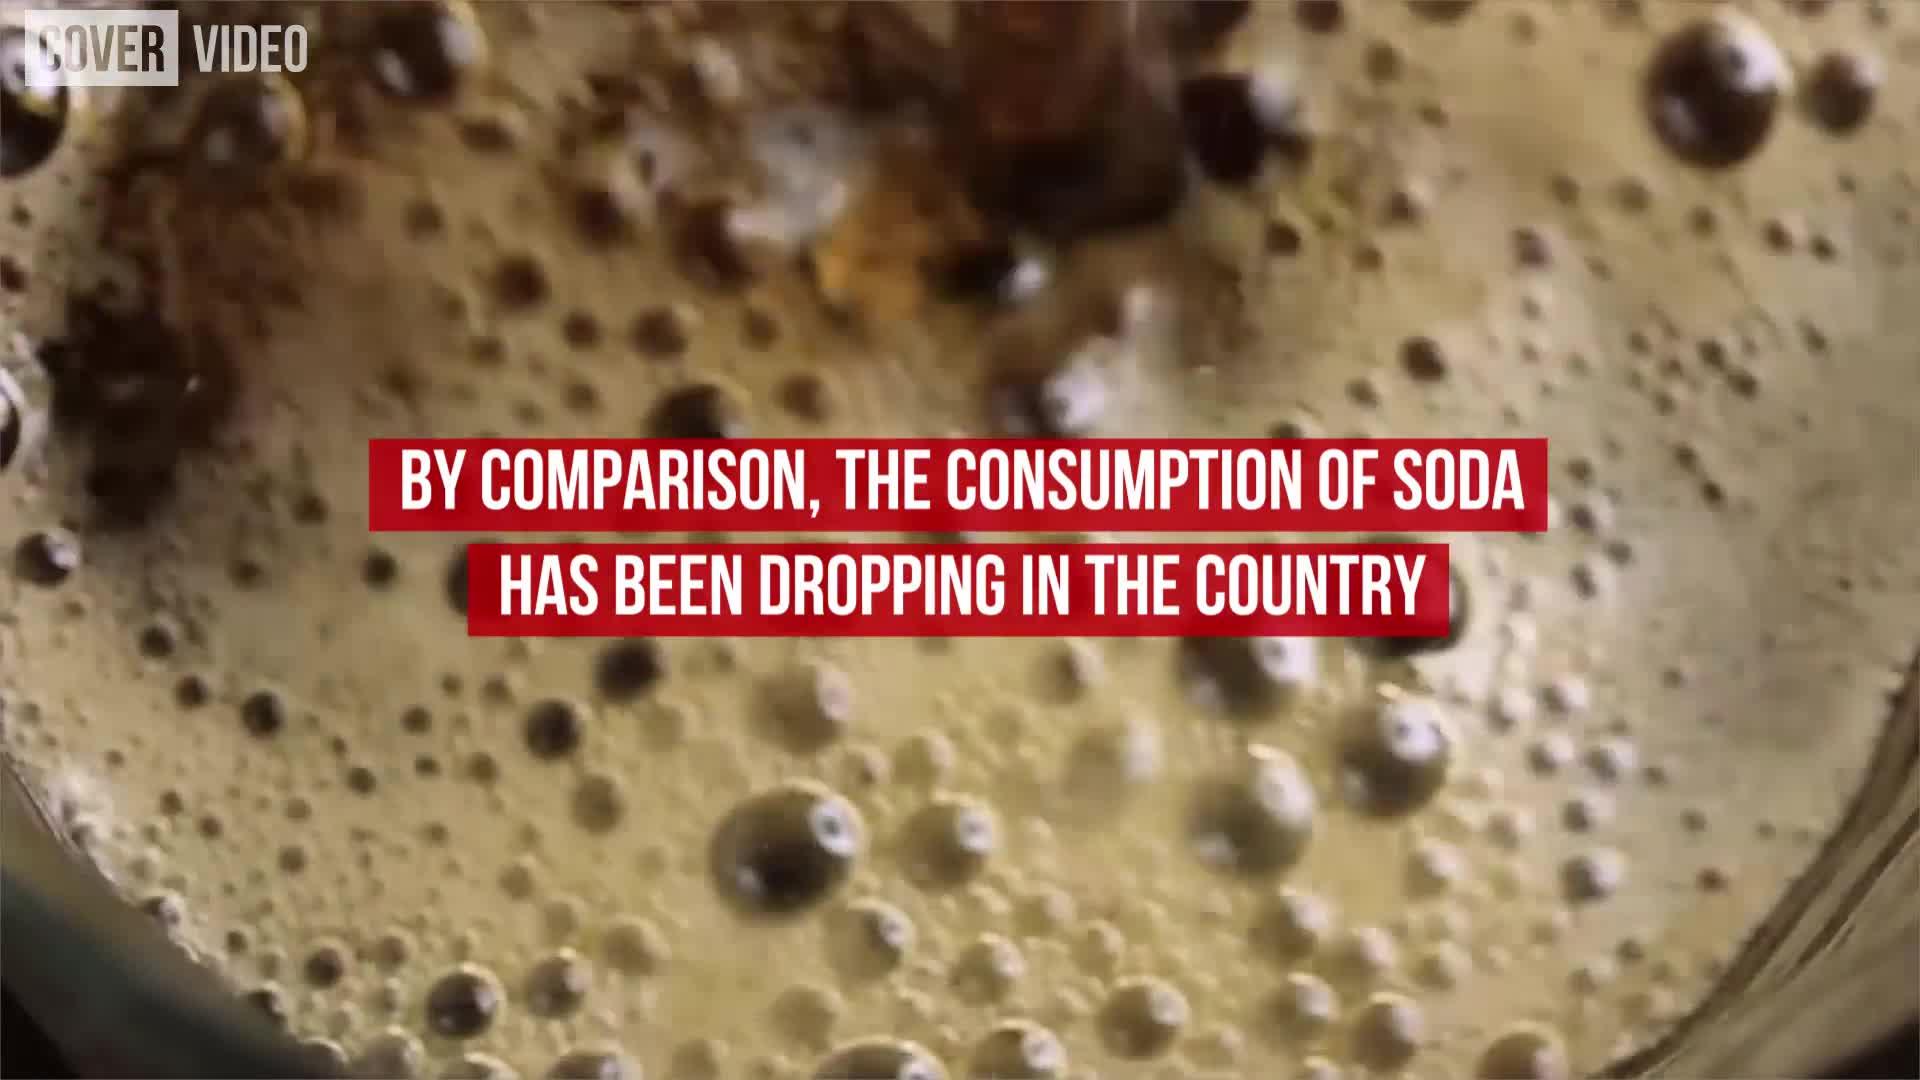 Coca-Cola Reveals New Sparkling Water AHA